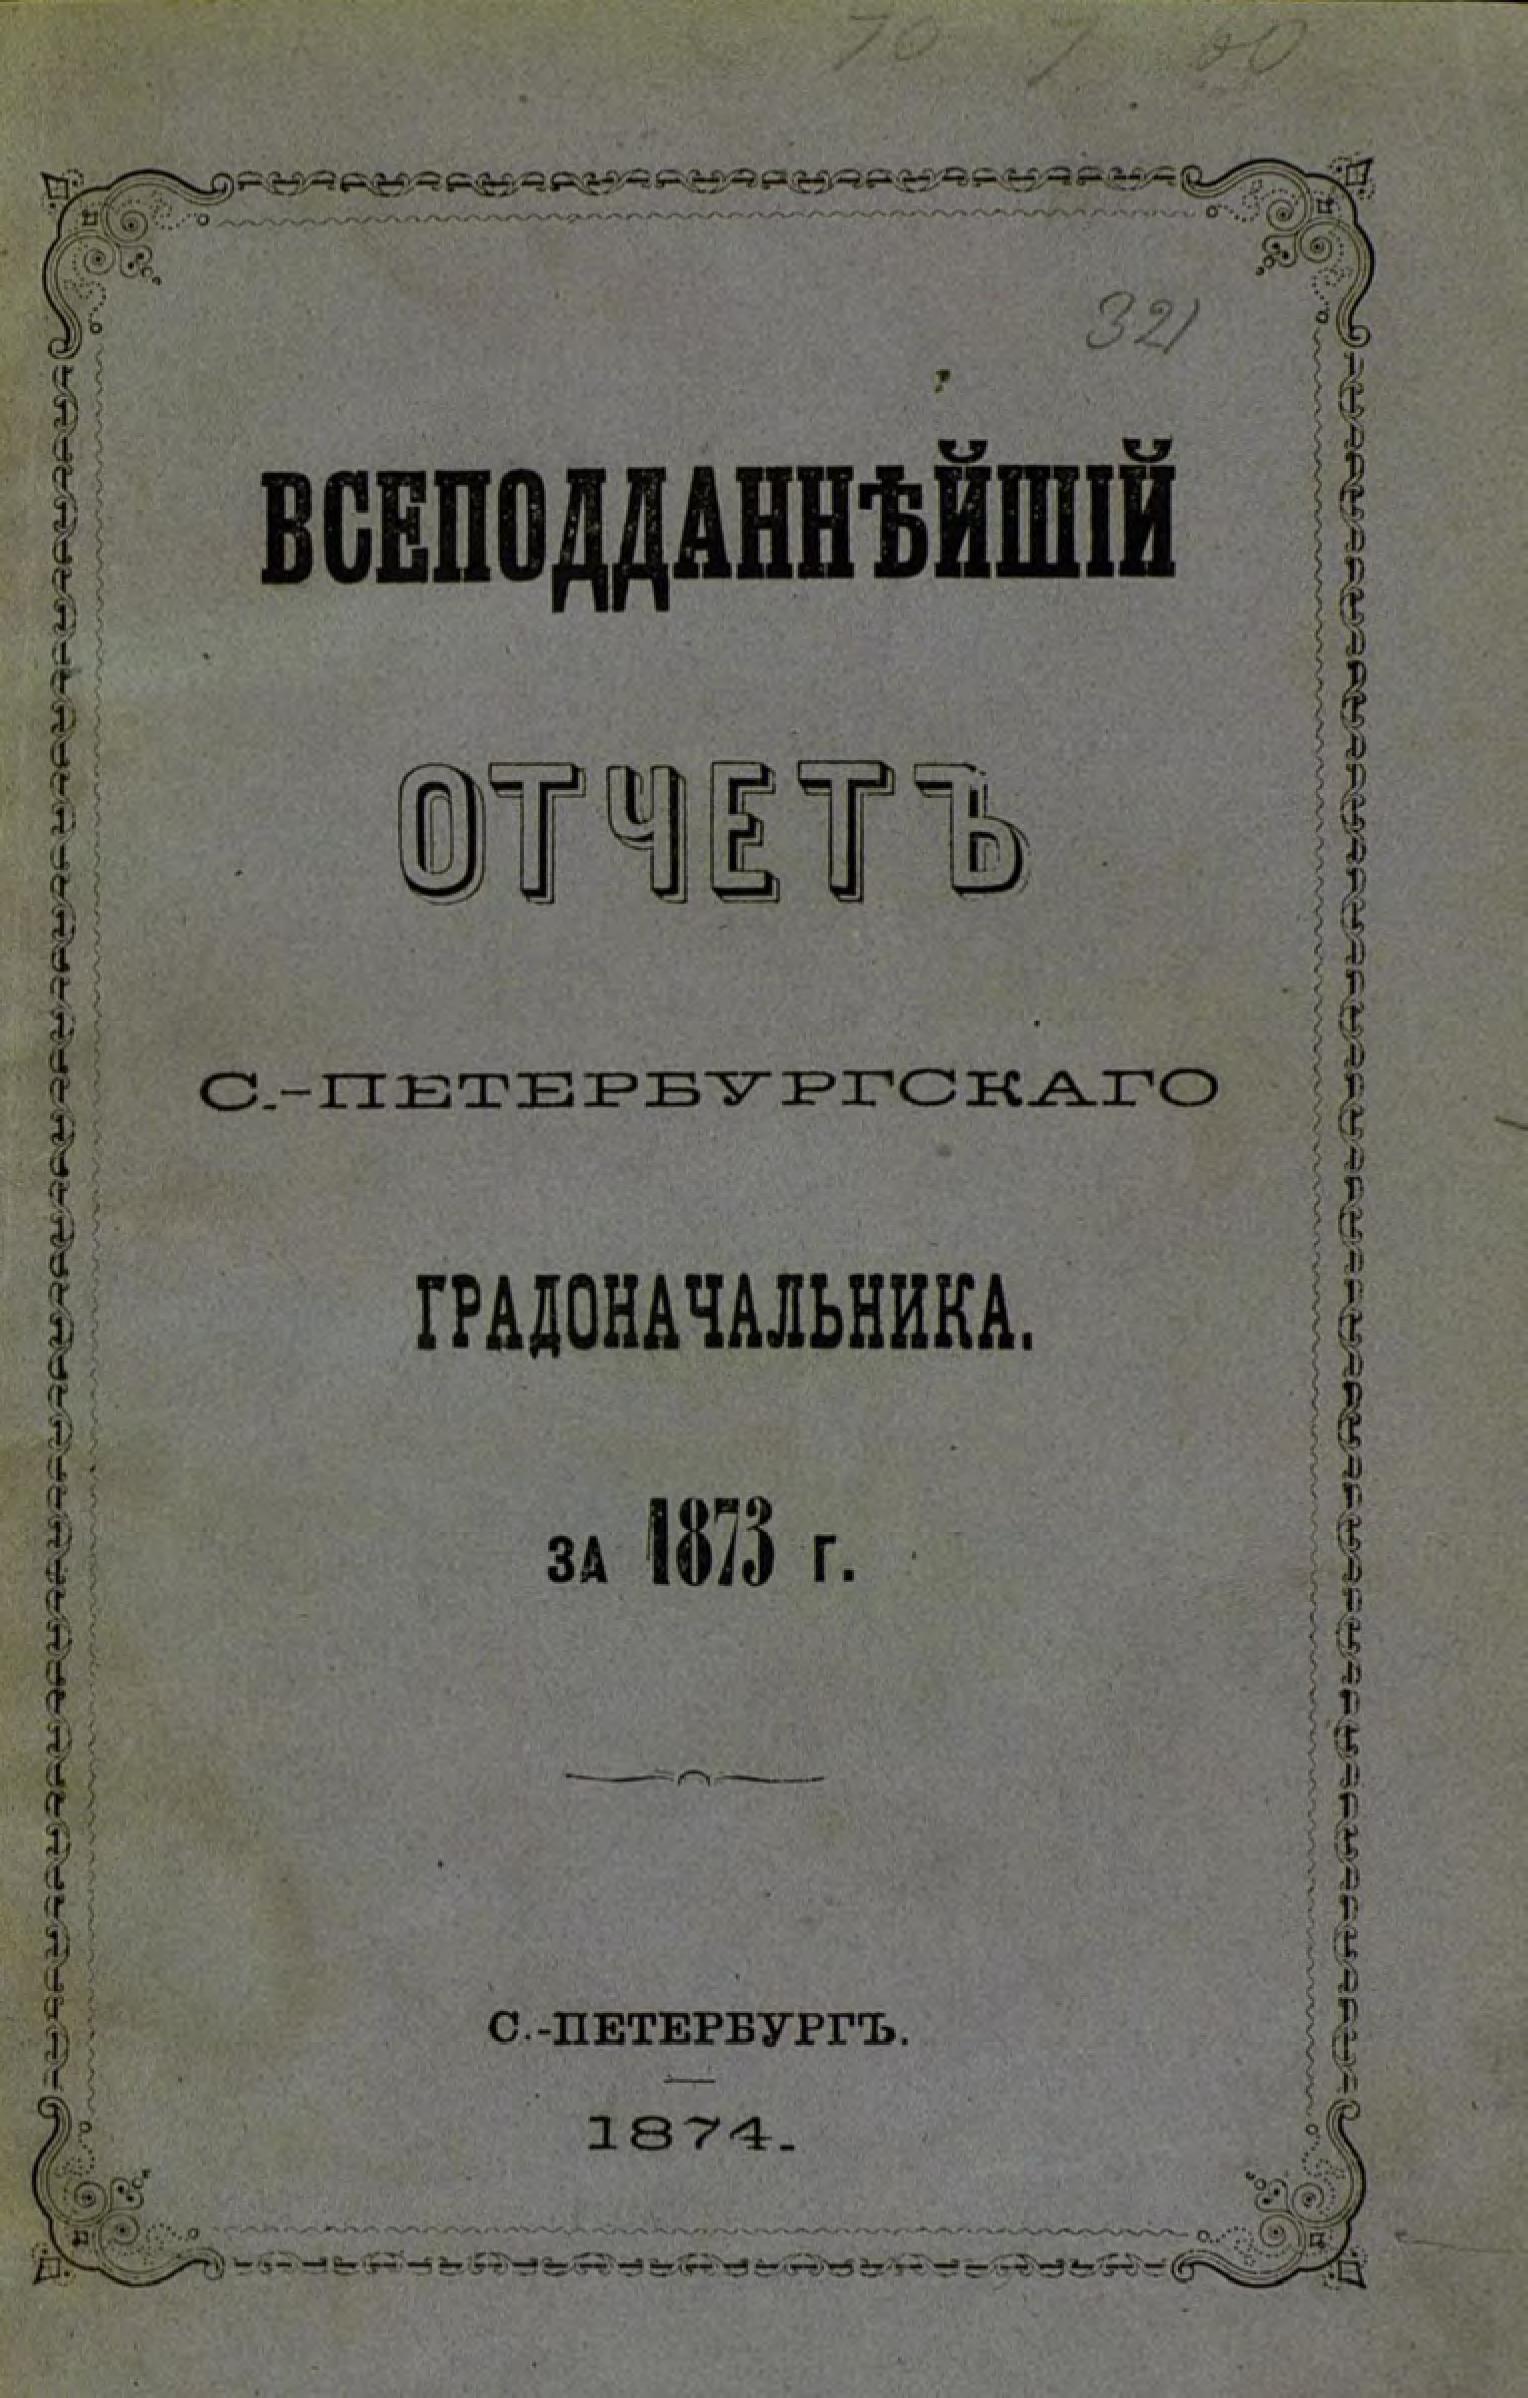 Коллектив авторов Всеподданнейший отчет С.-Петербургского градоначальника за 1873 г. ботинки шк обувь ботинки